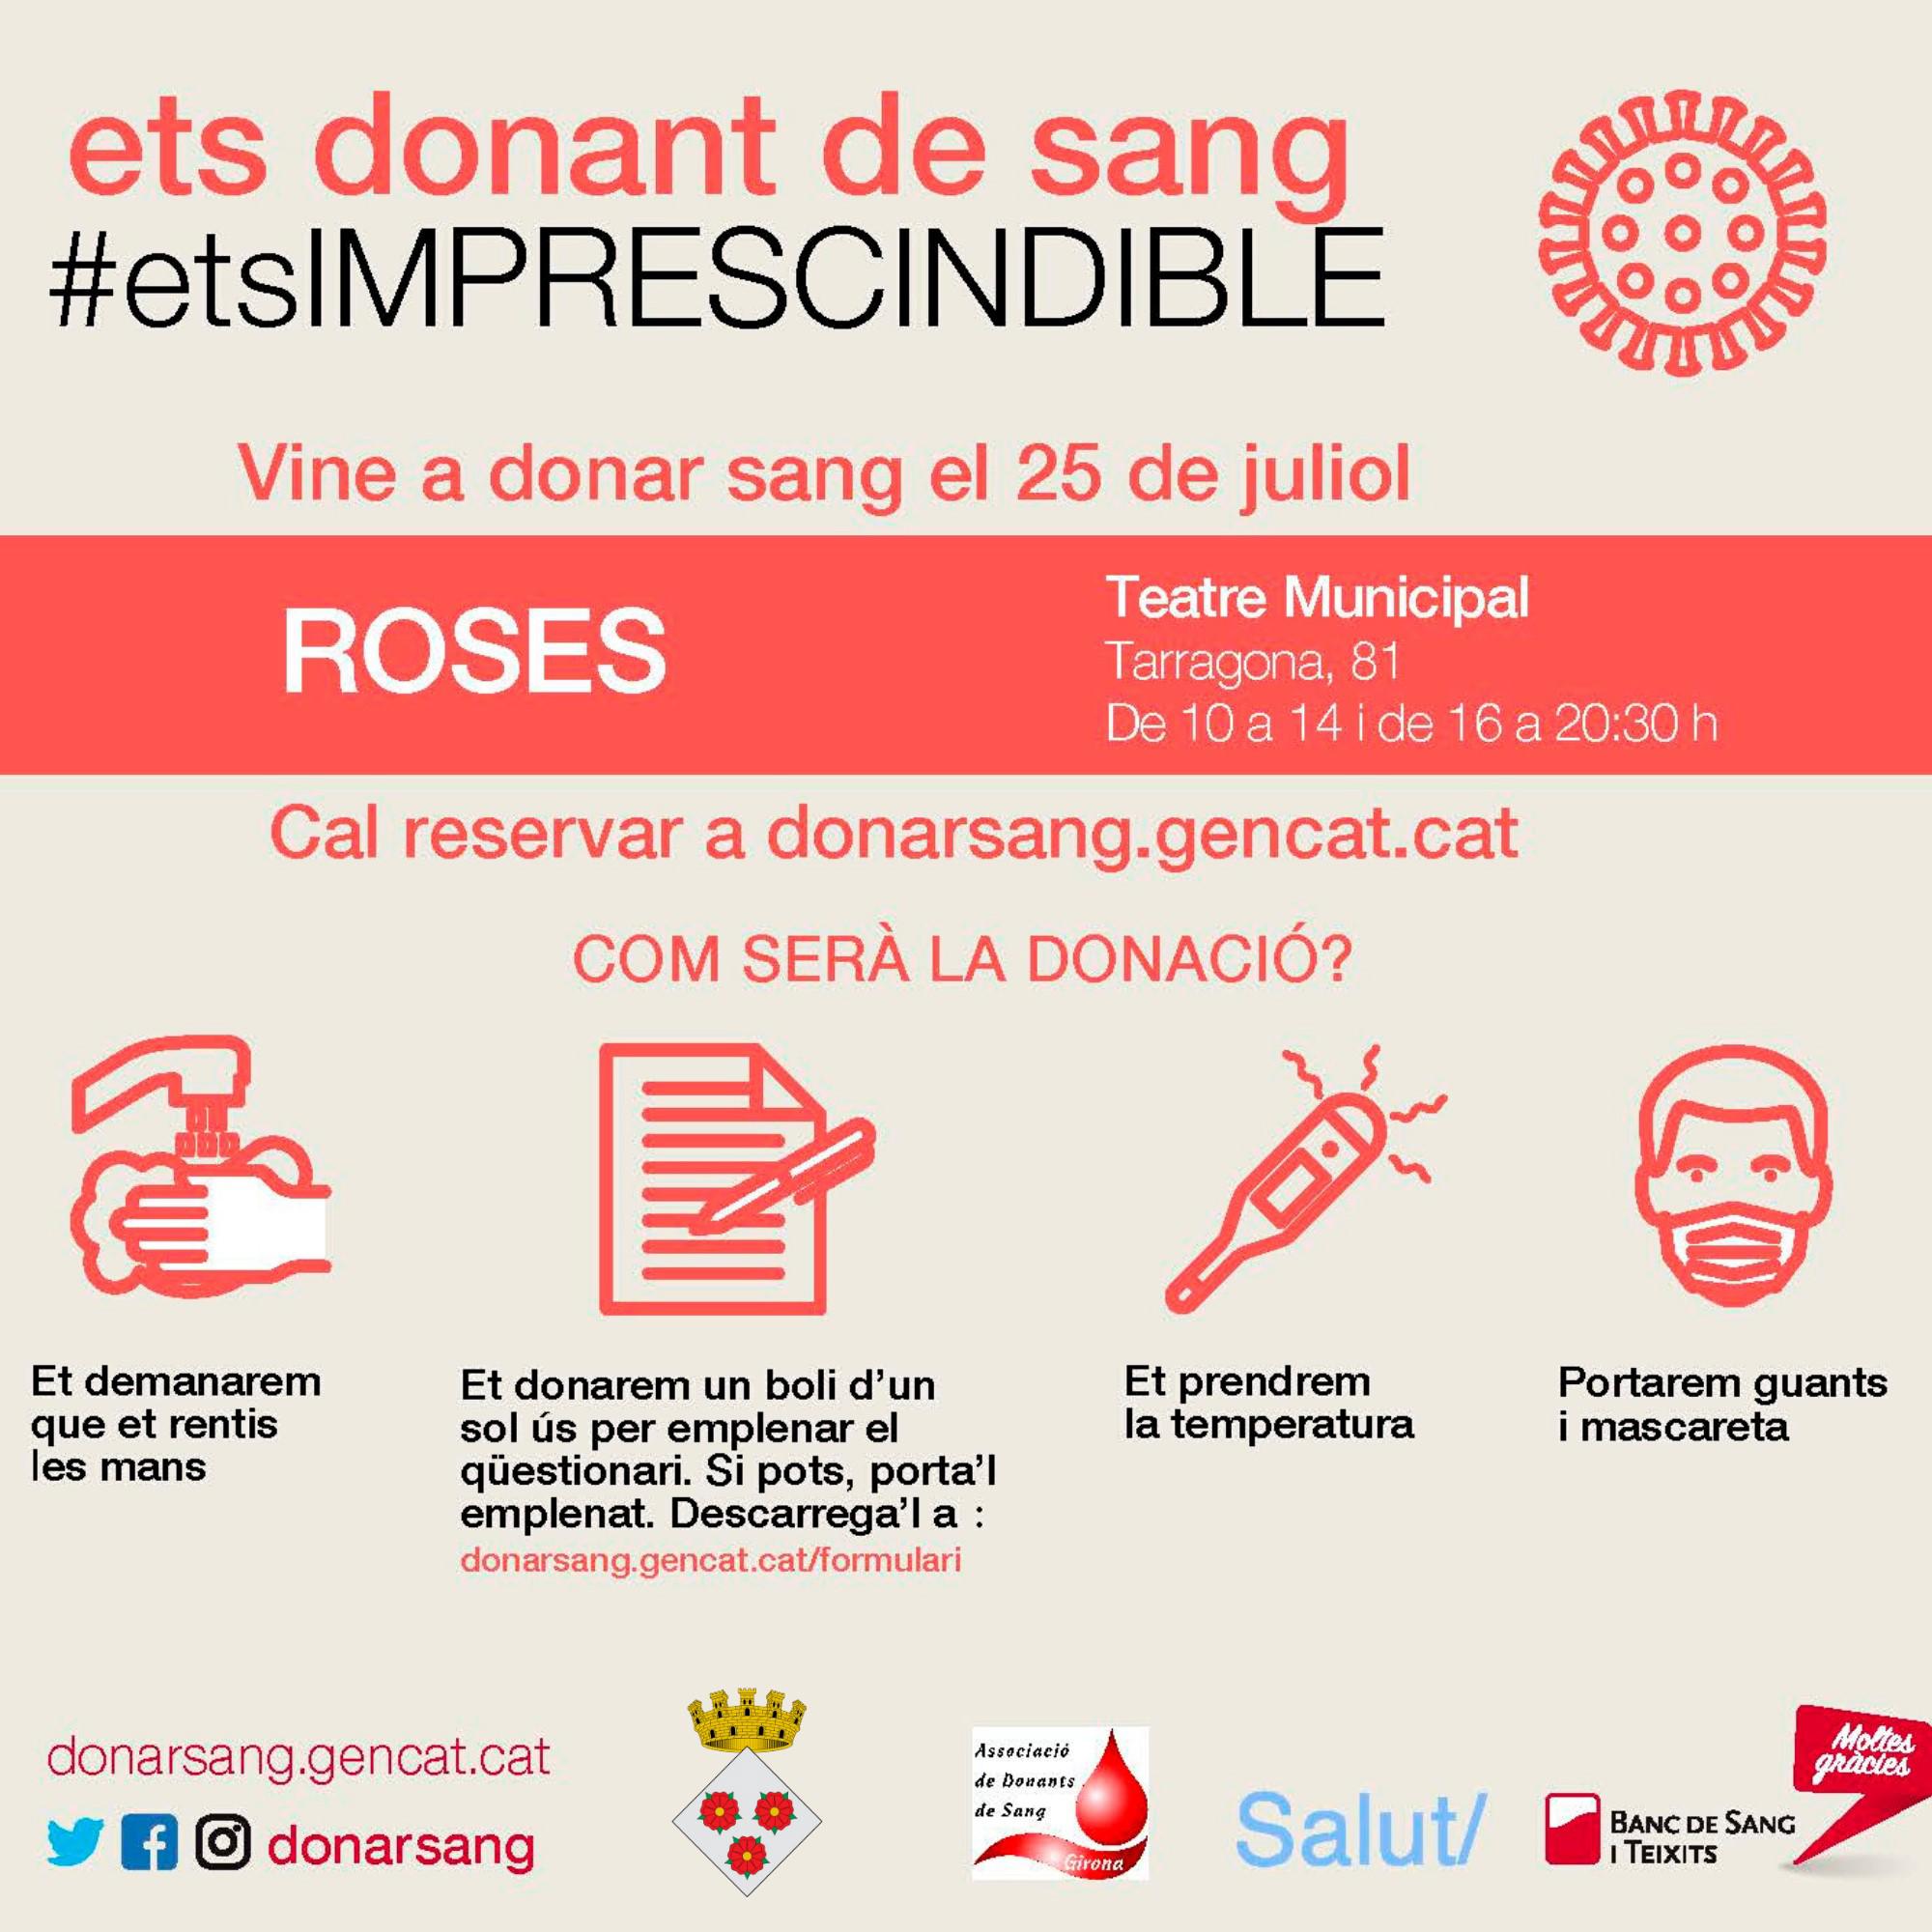 Roses acull una campanya especial de donació de sang